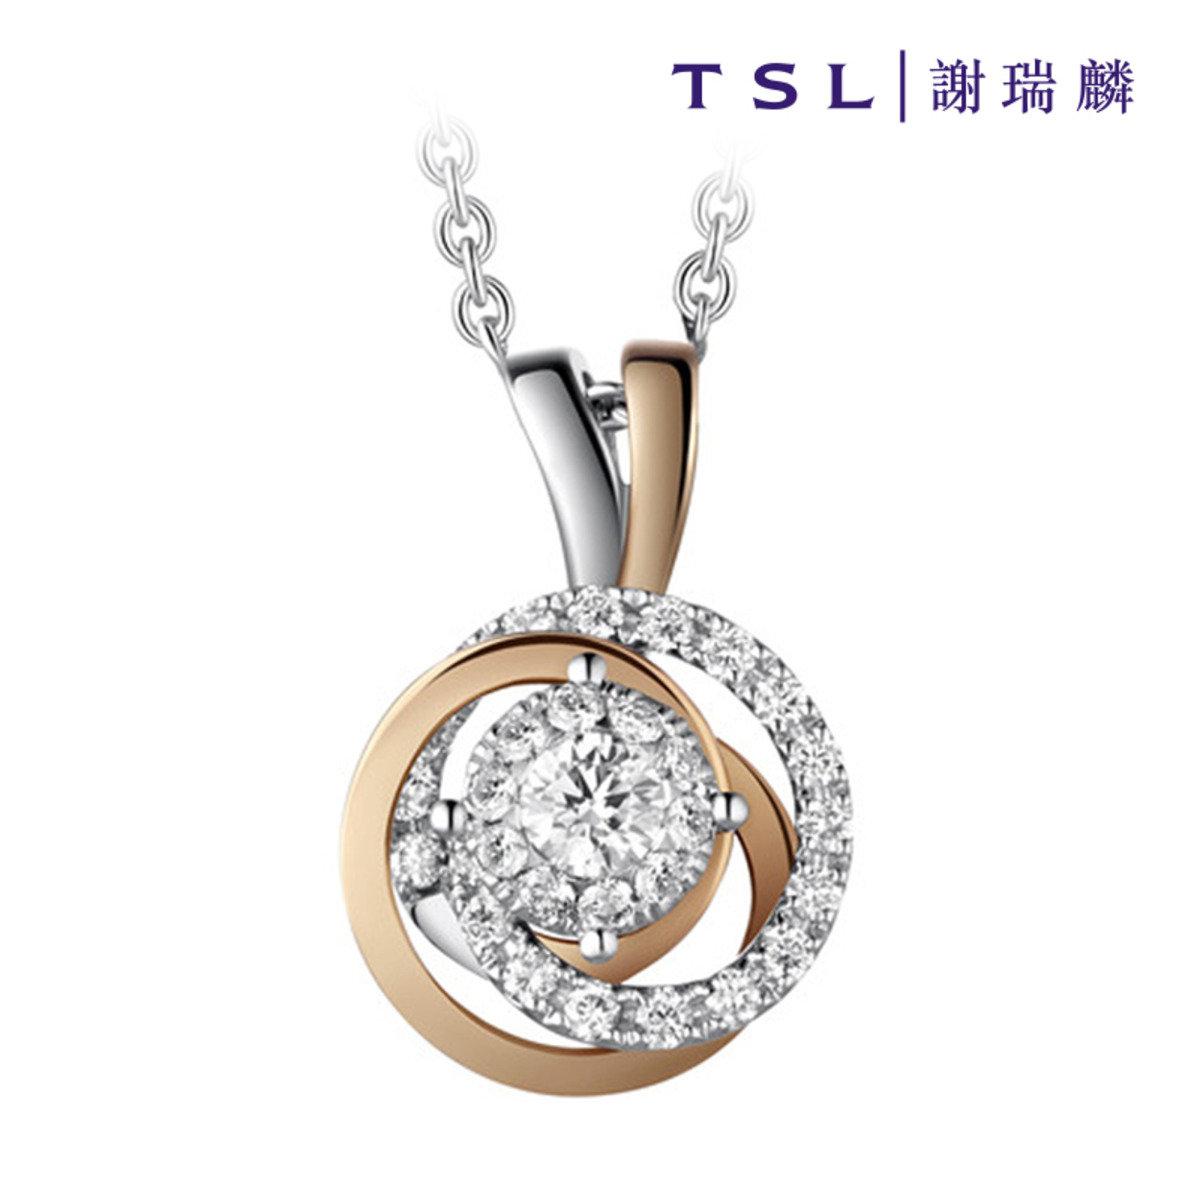 750/18K金鑲天然鑽石頸鍊